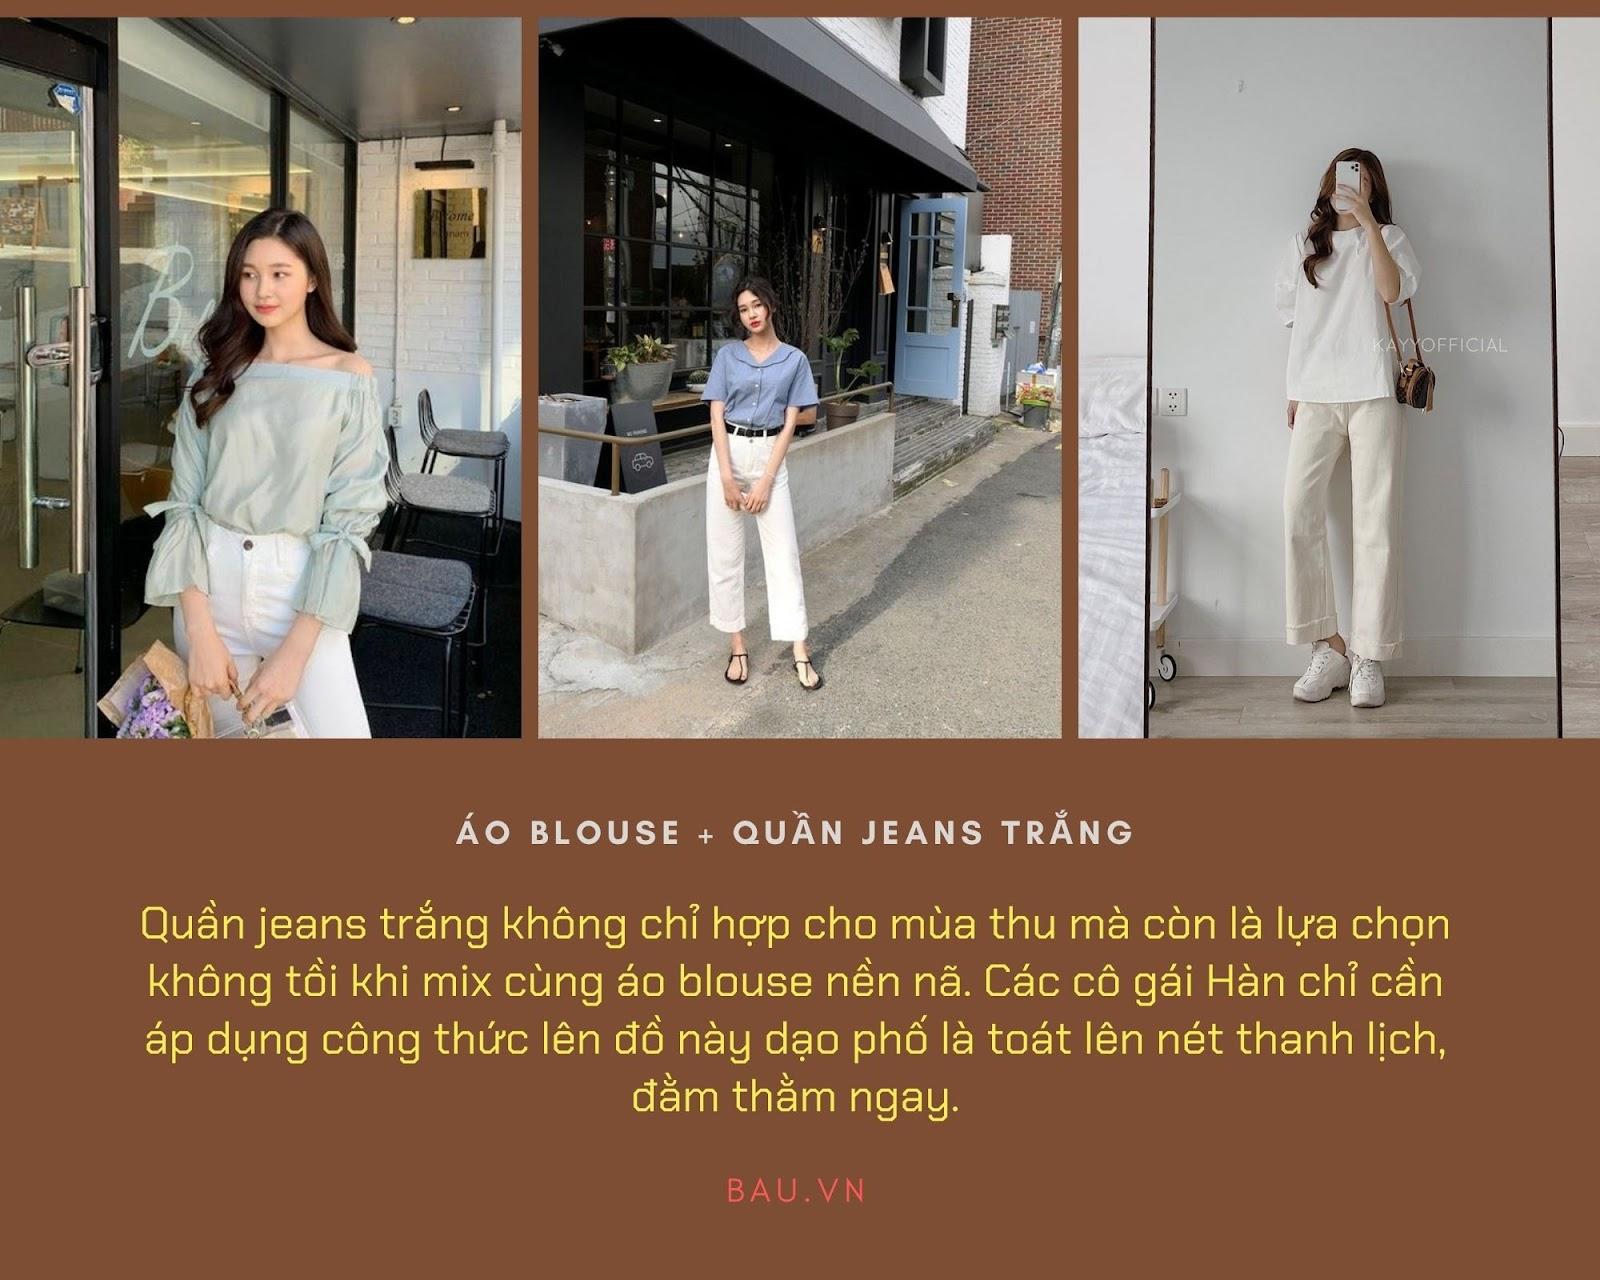 Những tips kết hợp áo blouse cho các cô nàng năng động - ảnh 3